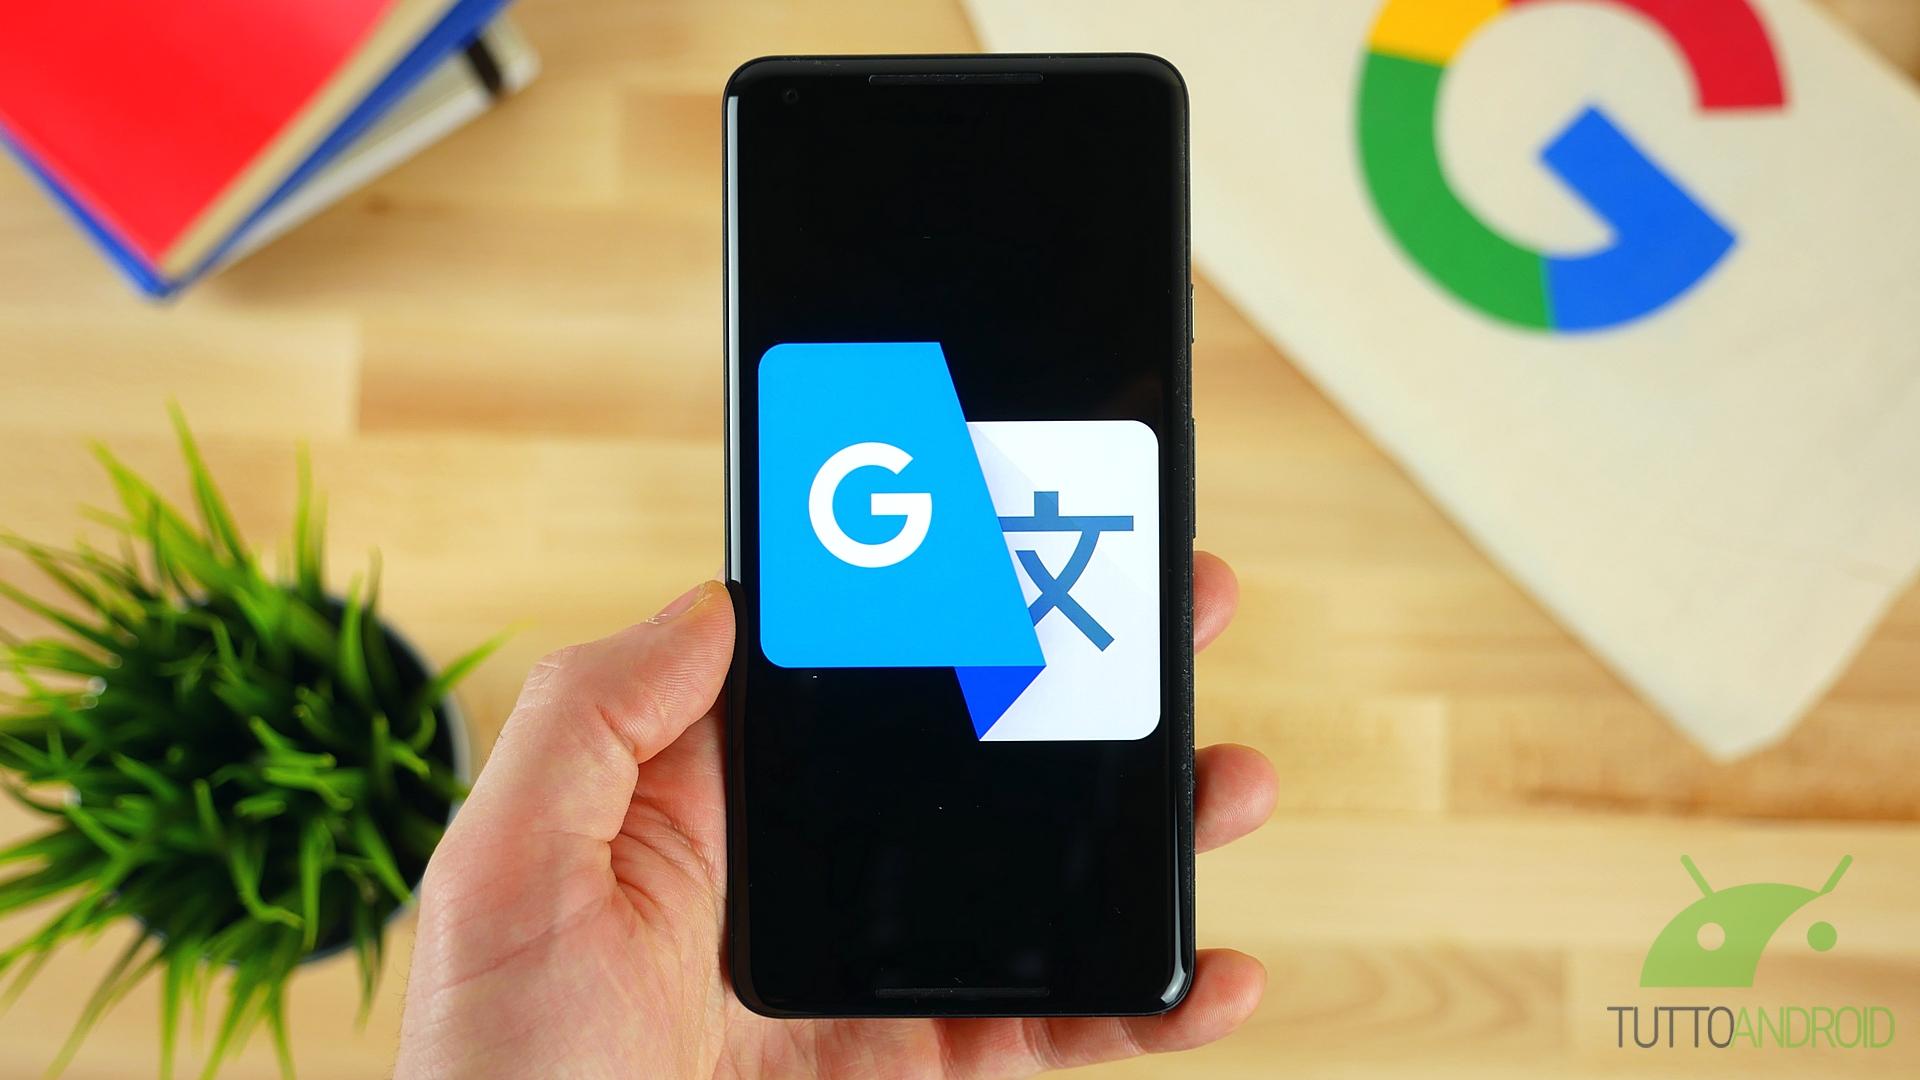 Quest'altra applicazione di Google raggiunge e supera 1 miliardo di download